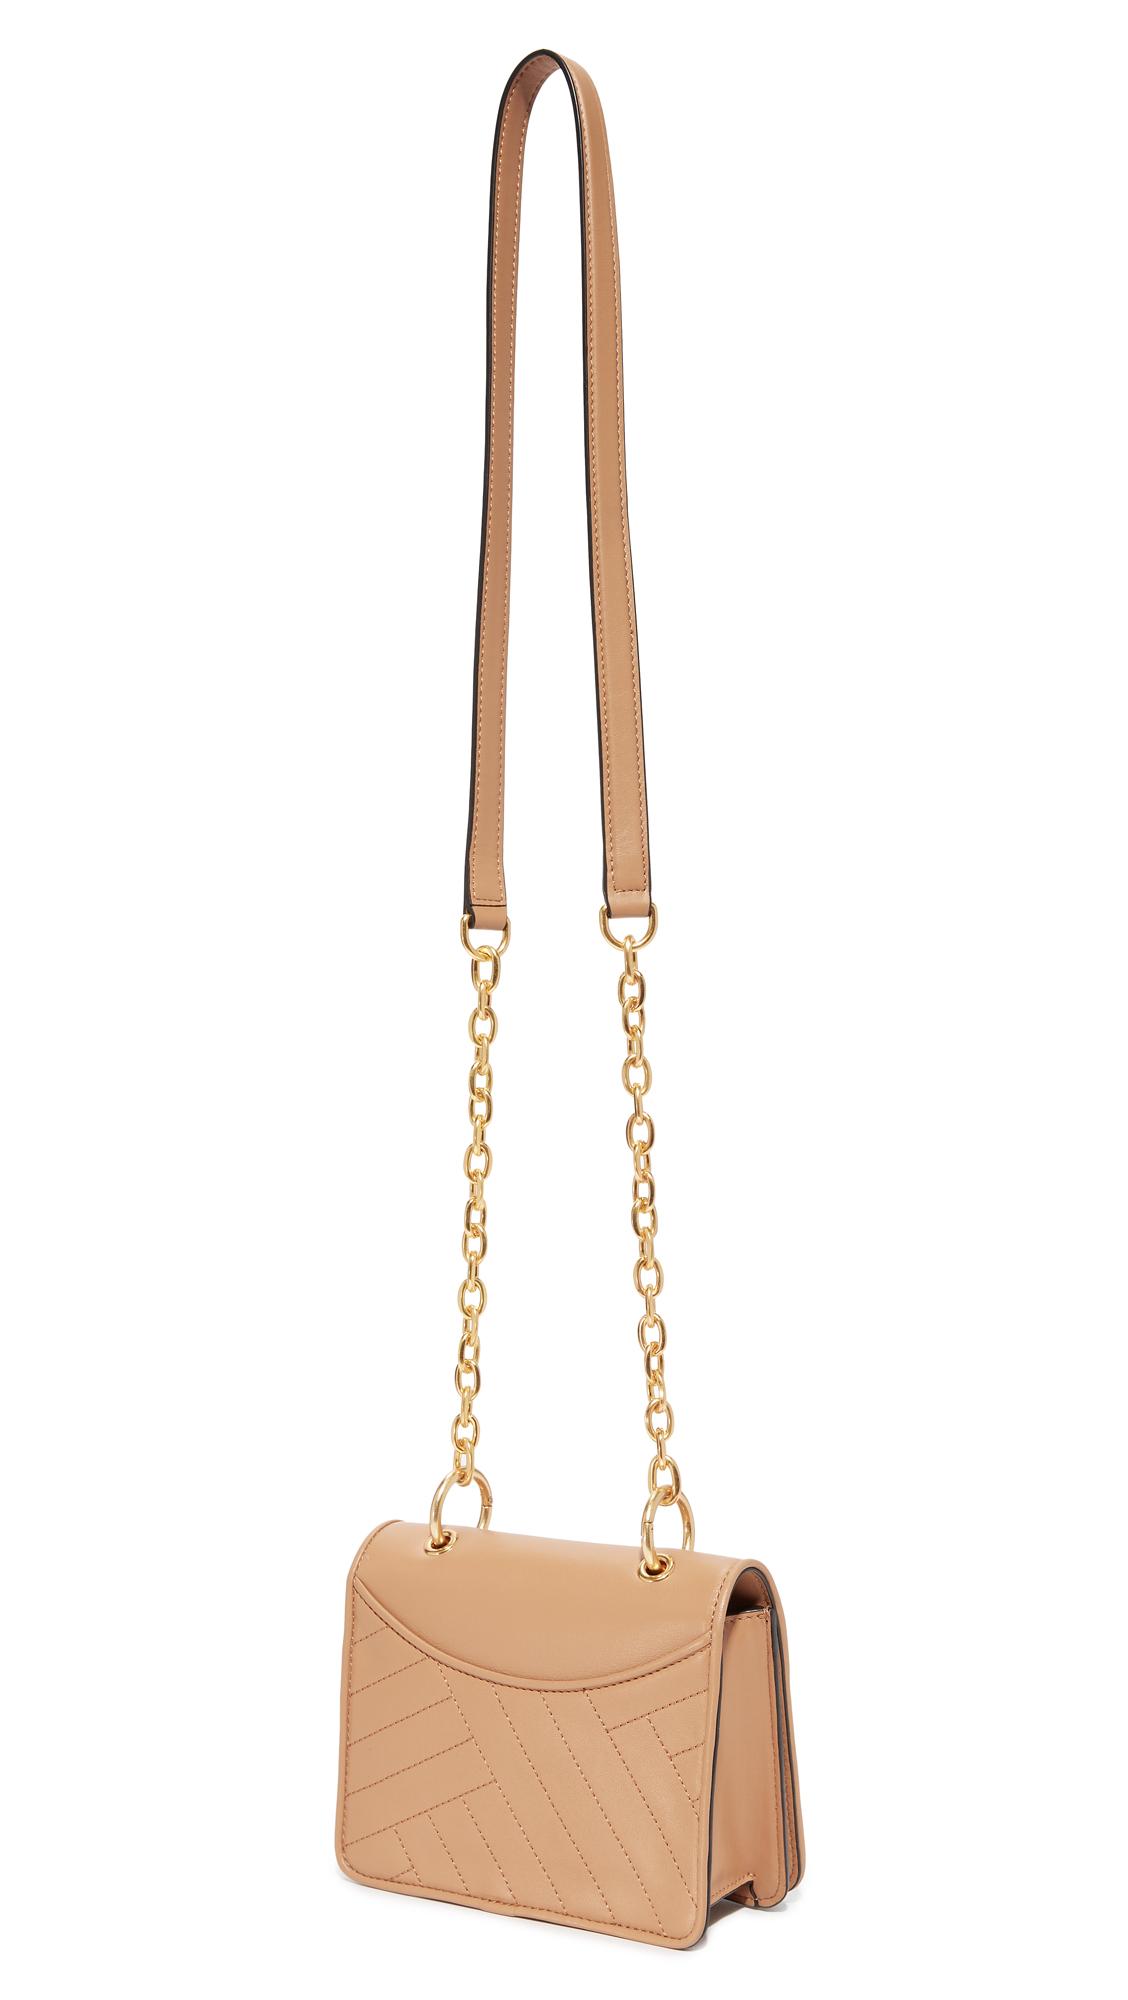 a6f6f5f266e5 Tory Burch Alexa Mini Shoulder Bag